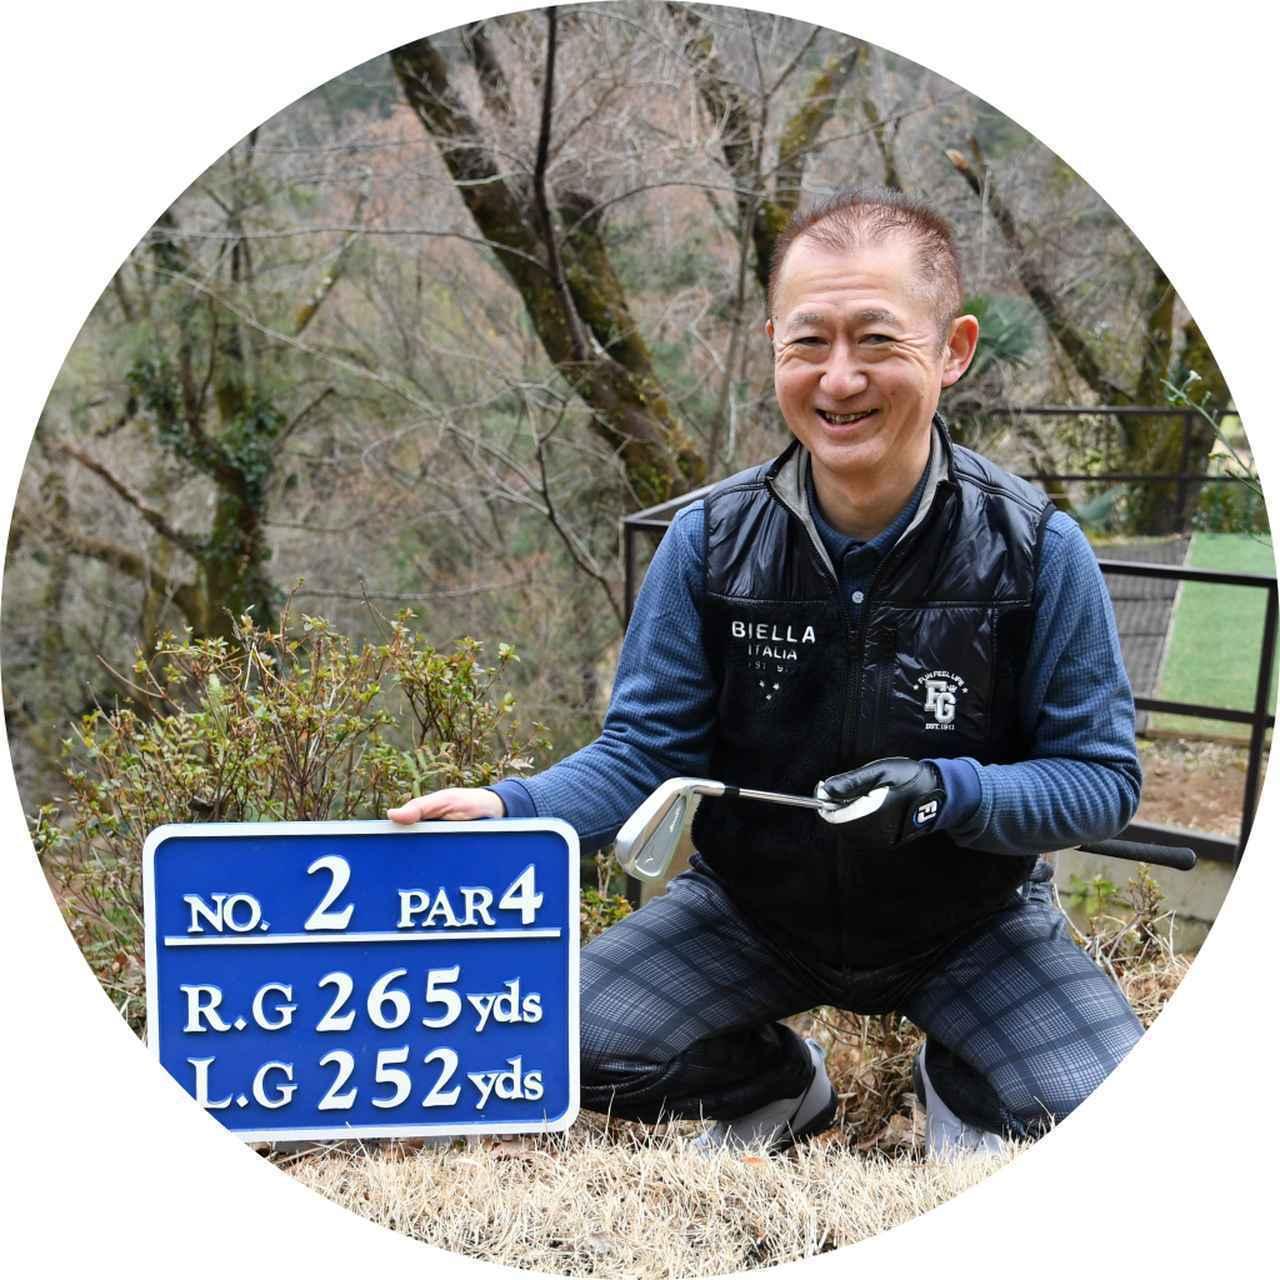 画像1: 【クラチャンと回ろう!】伊勢原カントリークラブ。急傾斜からナイスオン。フラットなゴルフ場では味わえない「快感」です!